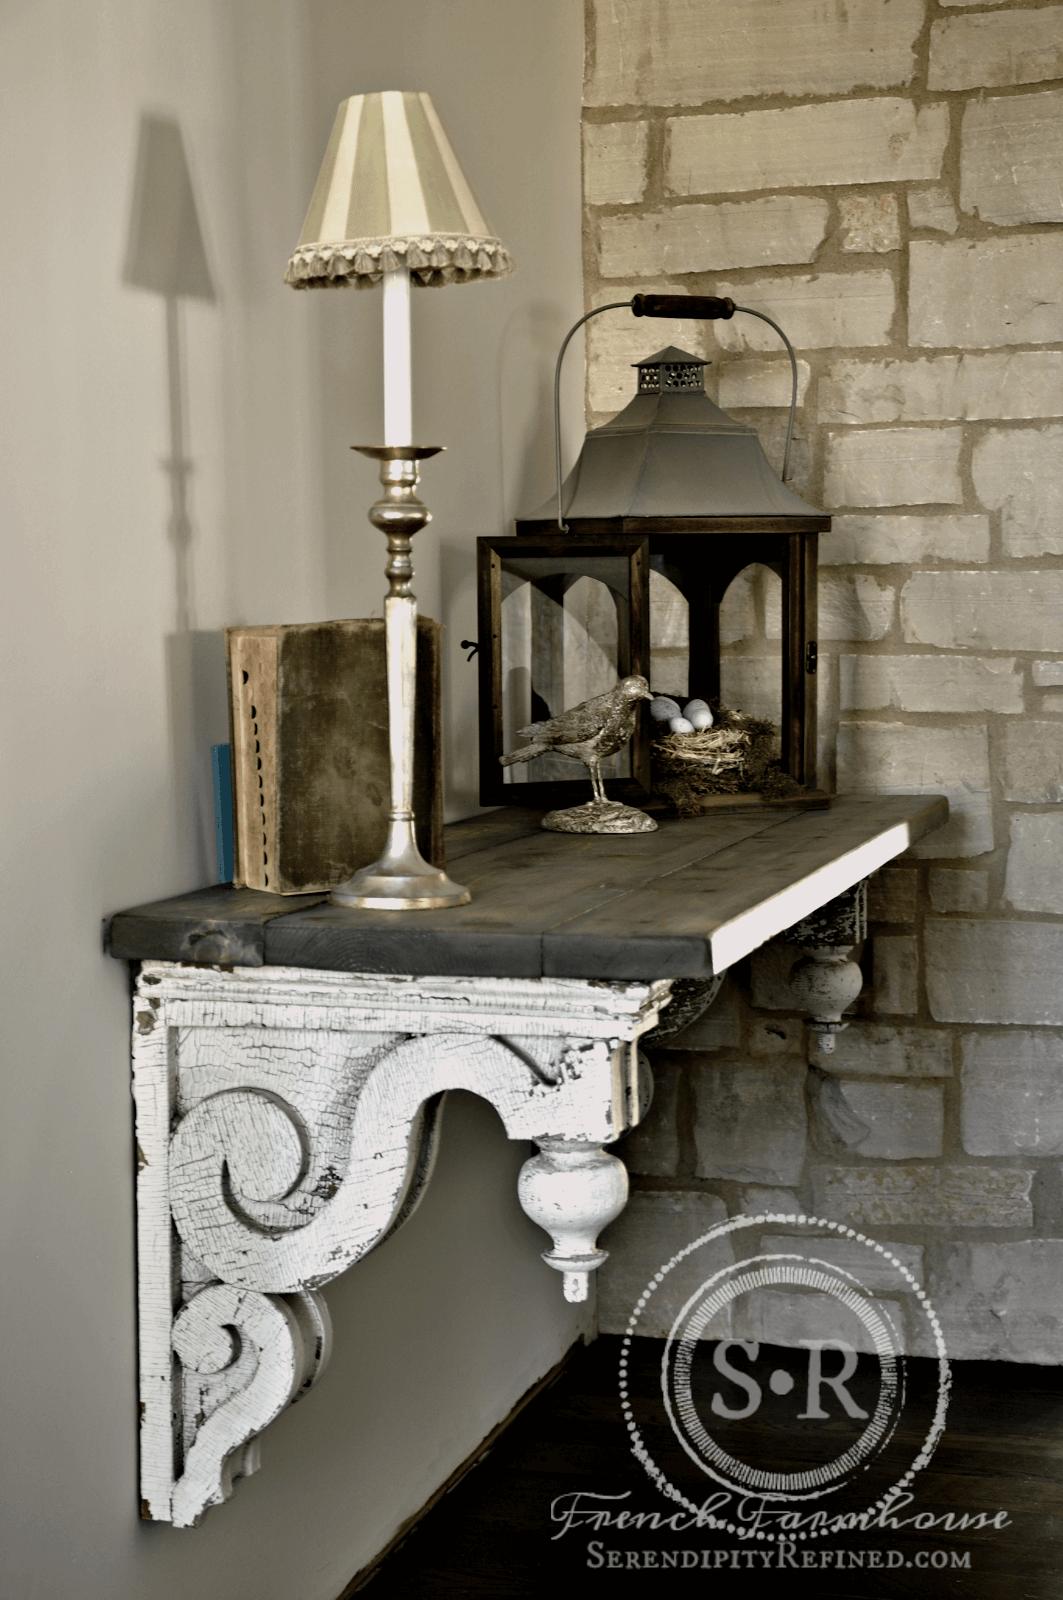 Tablette de cheminée avec bretelles en bois antique